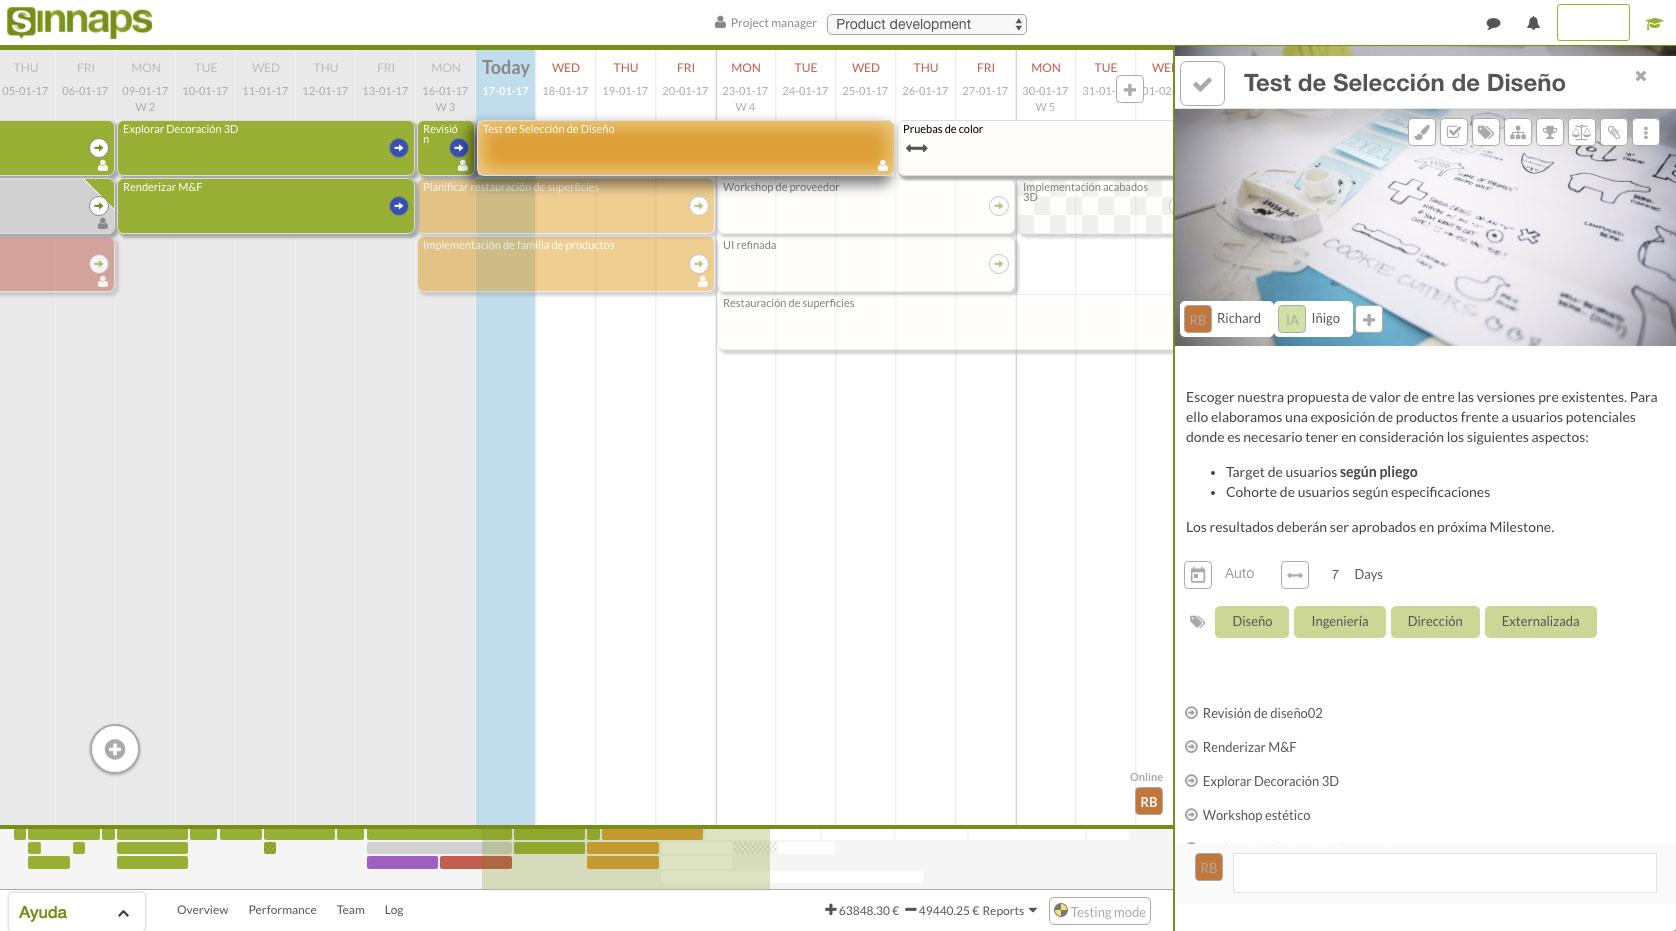 Calendario De Tesis.Hacer Un Cronograma De Actividades Online Sinnaps